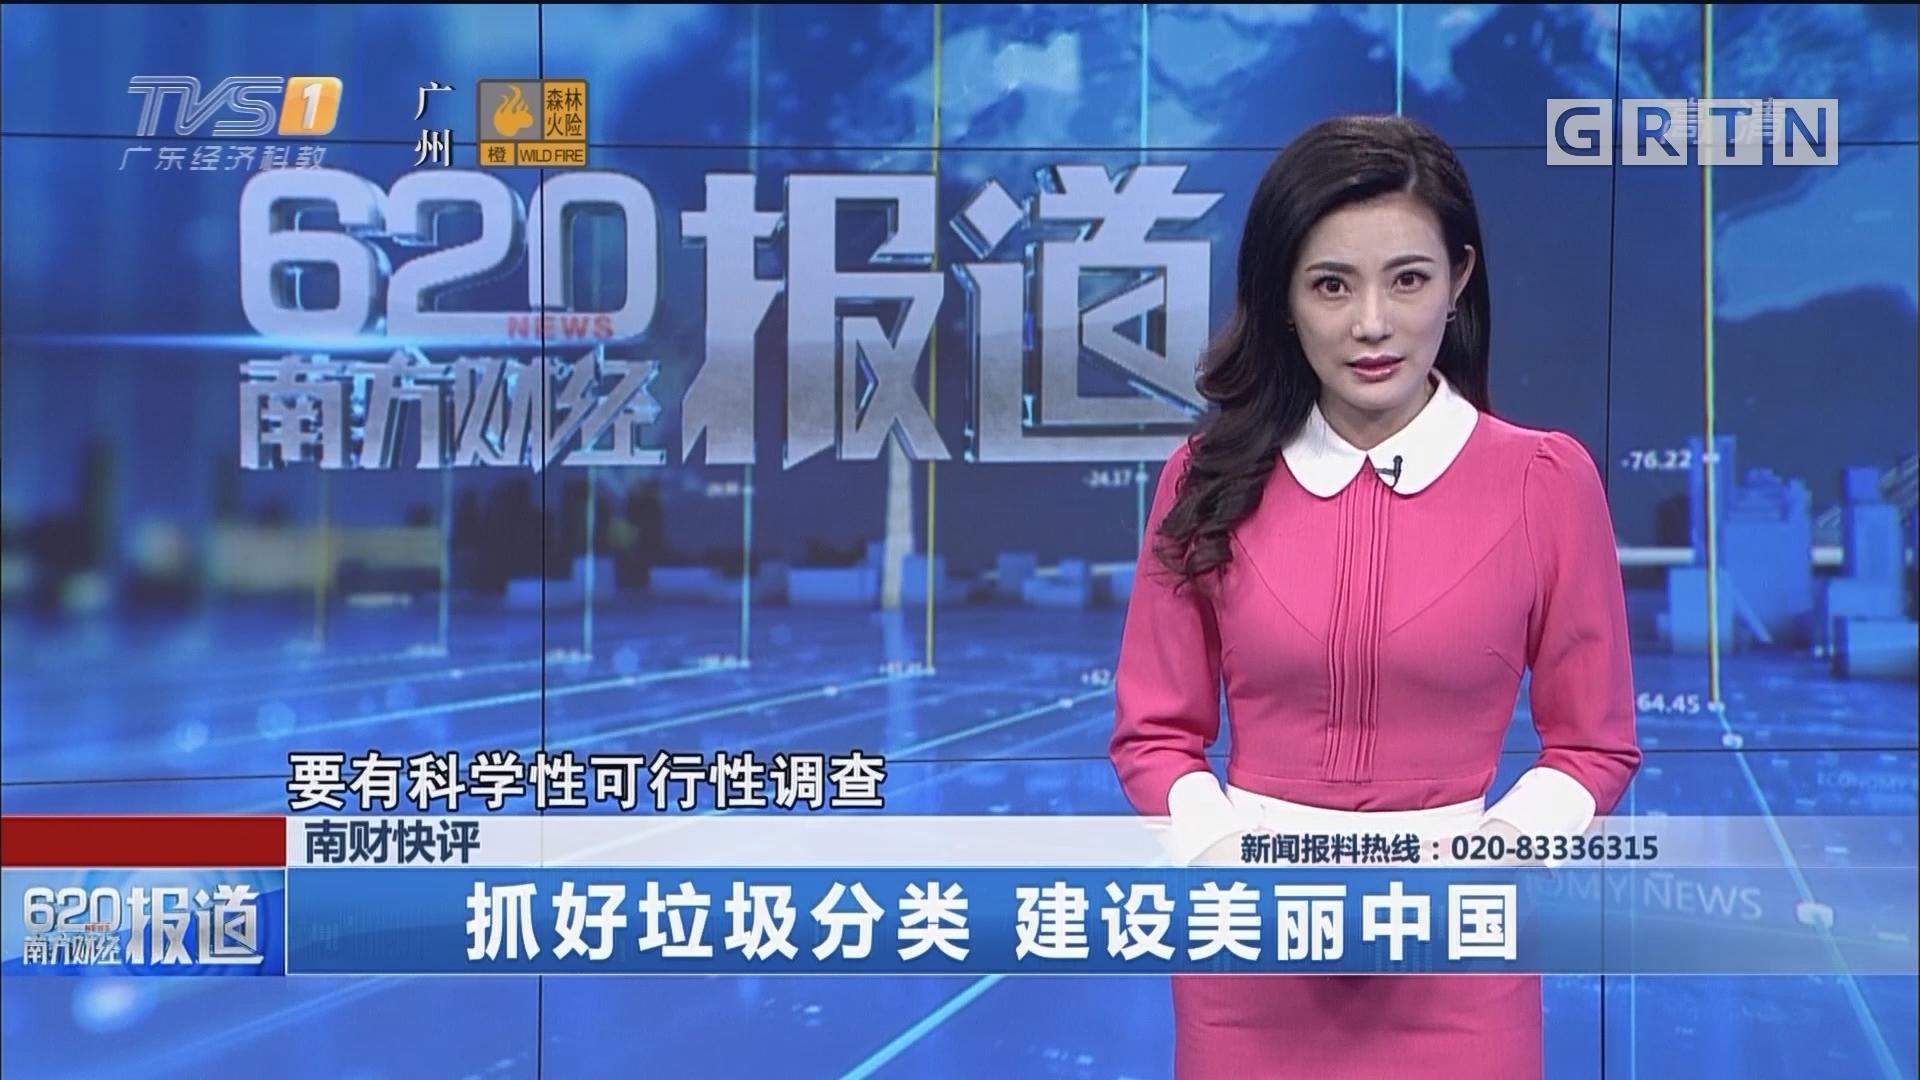 南财快评:抓好垃圾分类 建设美丽中国